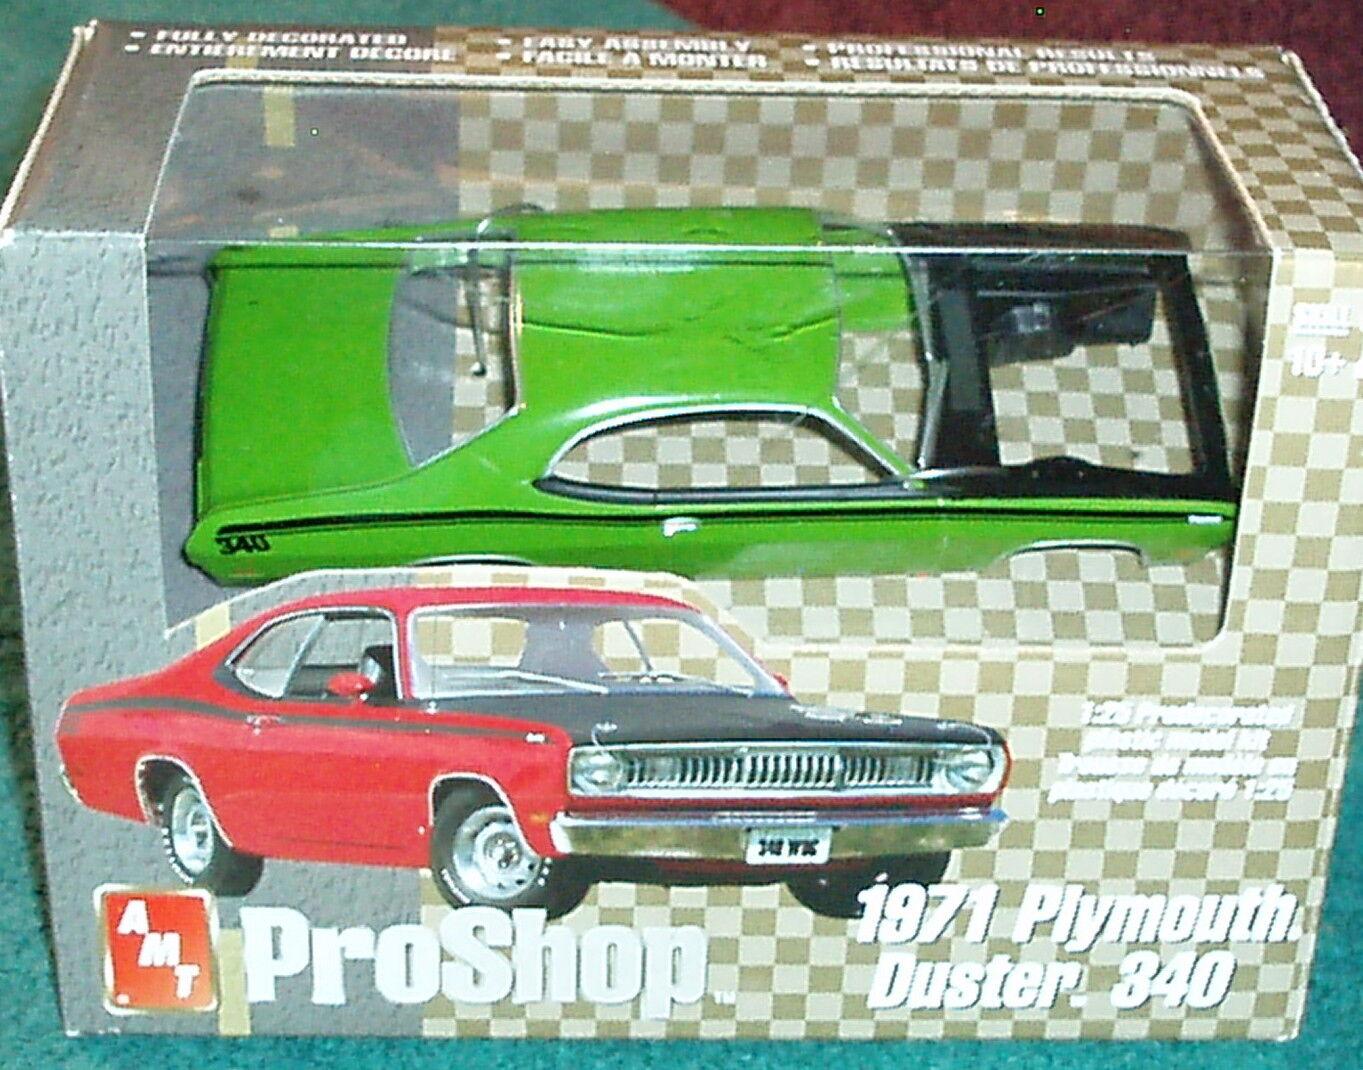 Aluminium Modèle Jouets Pro Shop 1971 PLYMOUTH DUSTER 340 Vert 1 25 prépeint PLASTIC MODEL KIT